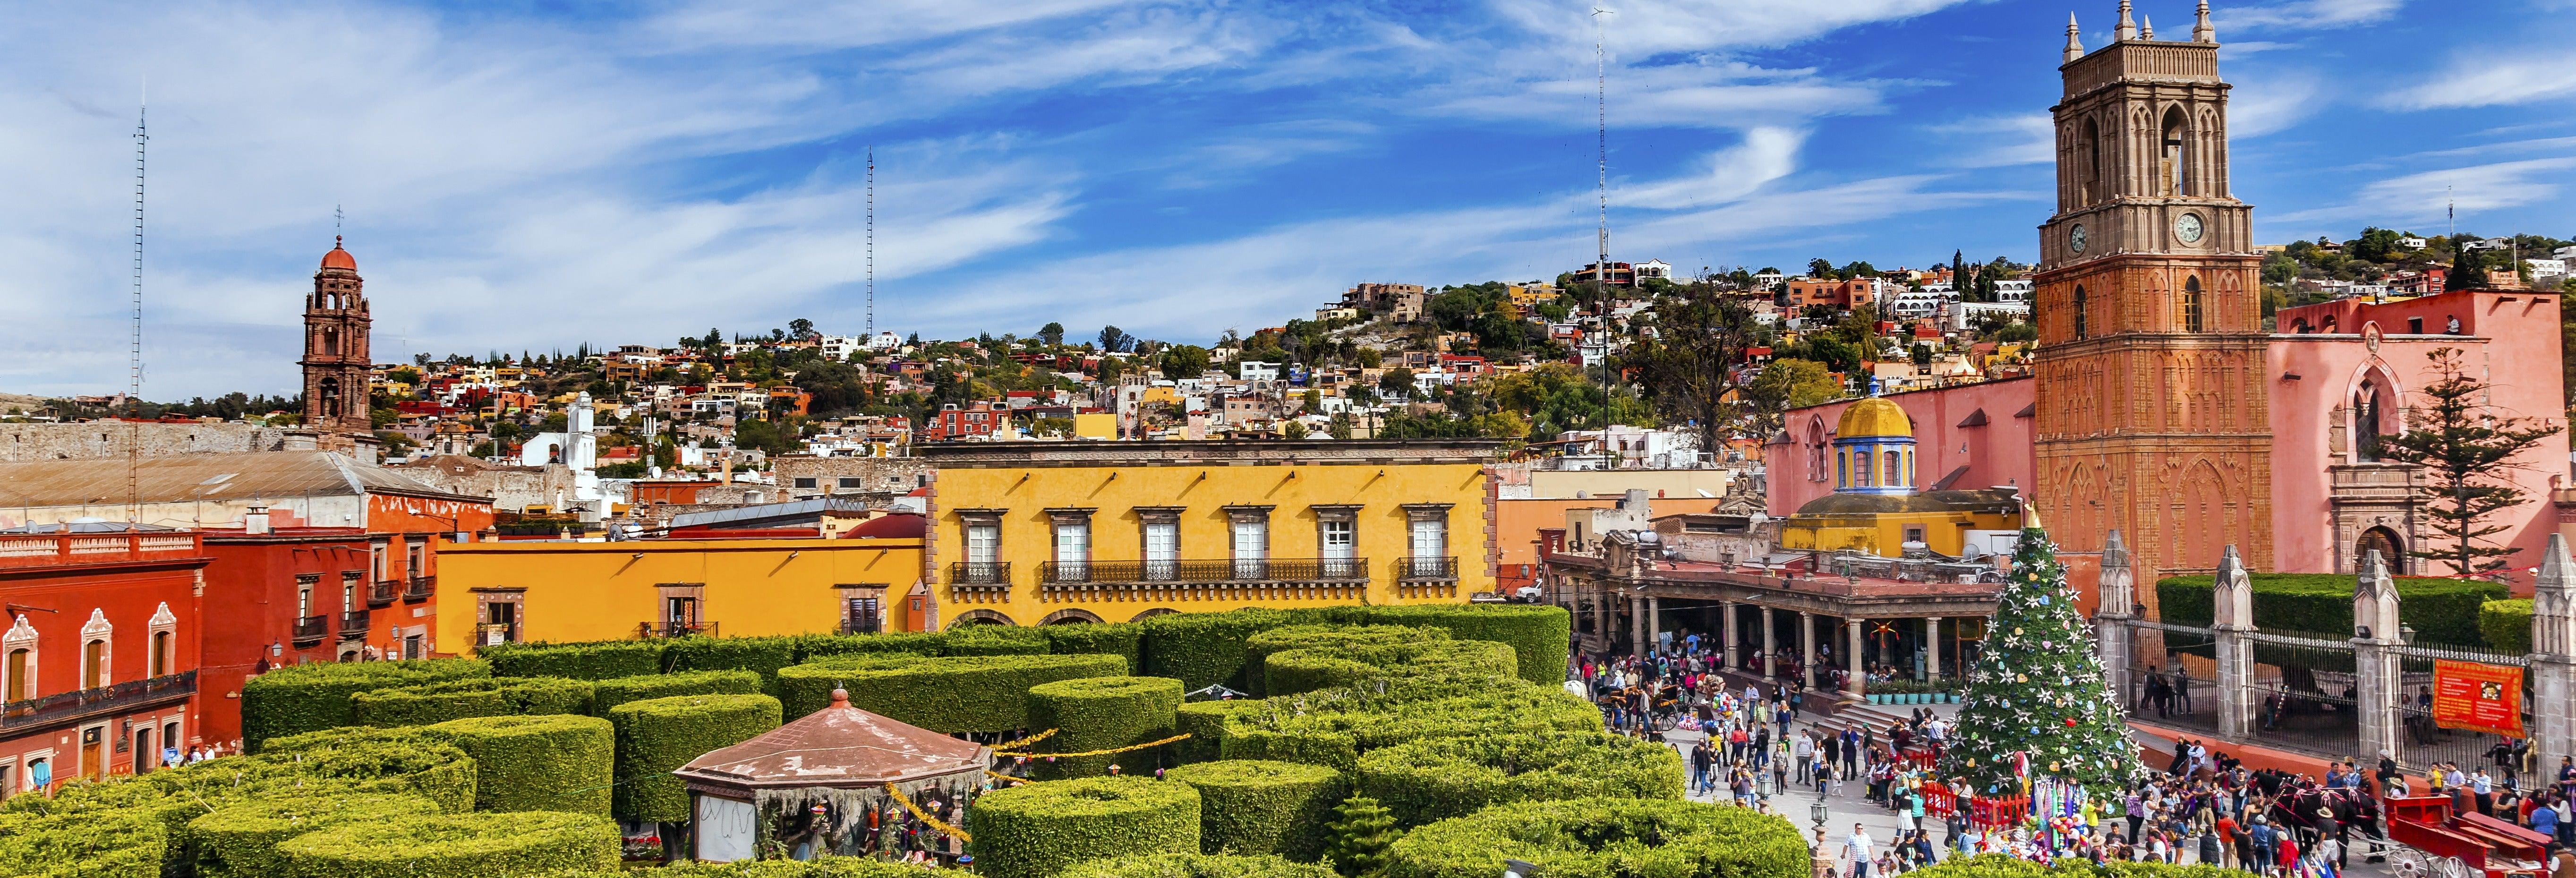 Visita guiada por San Miguel de Allende